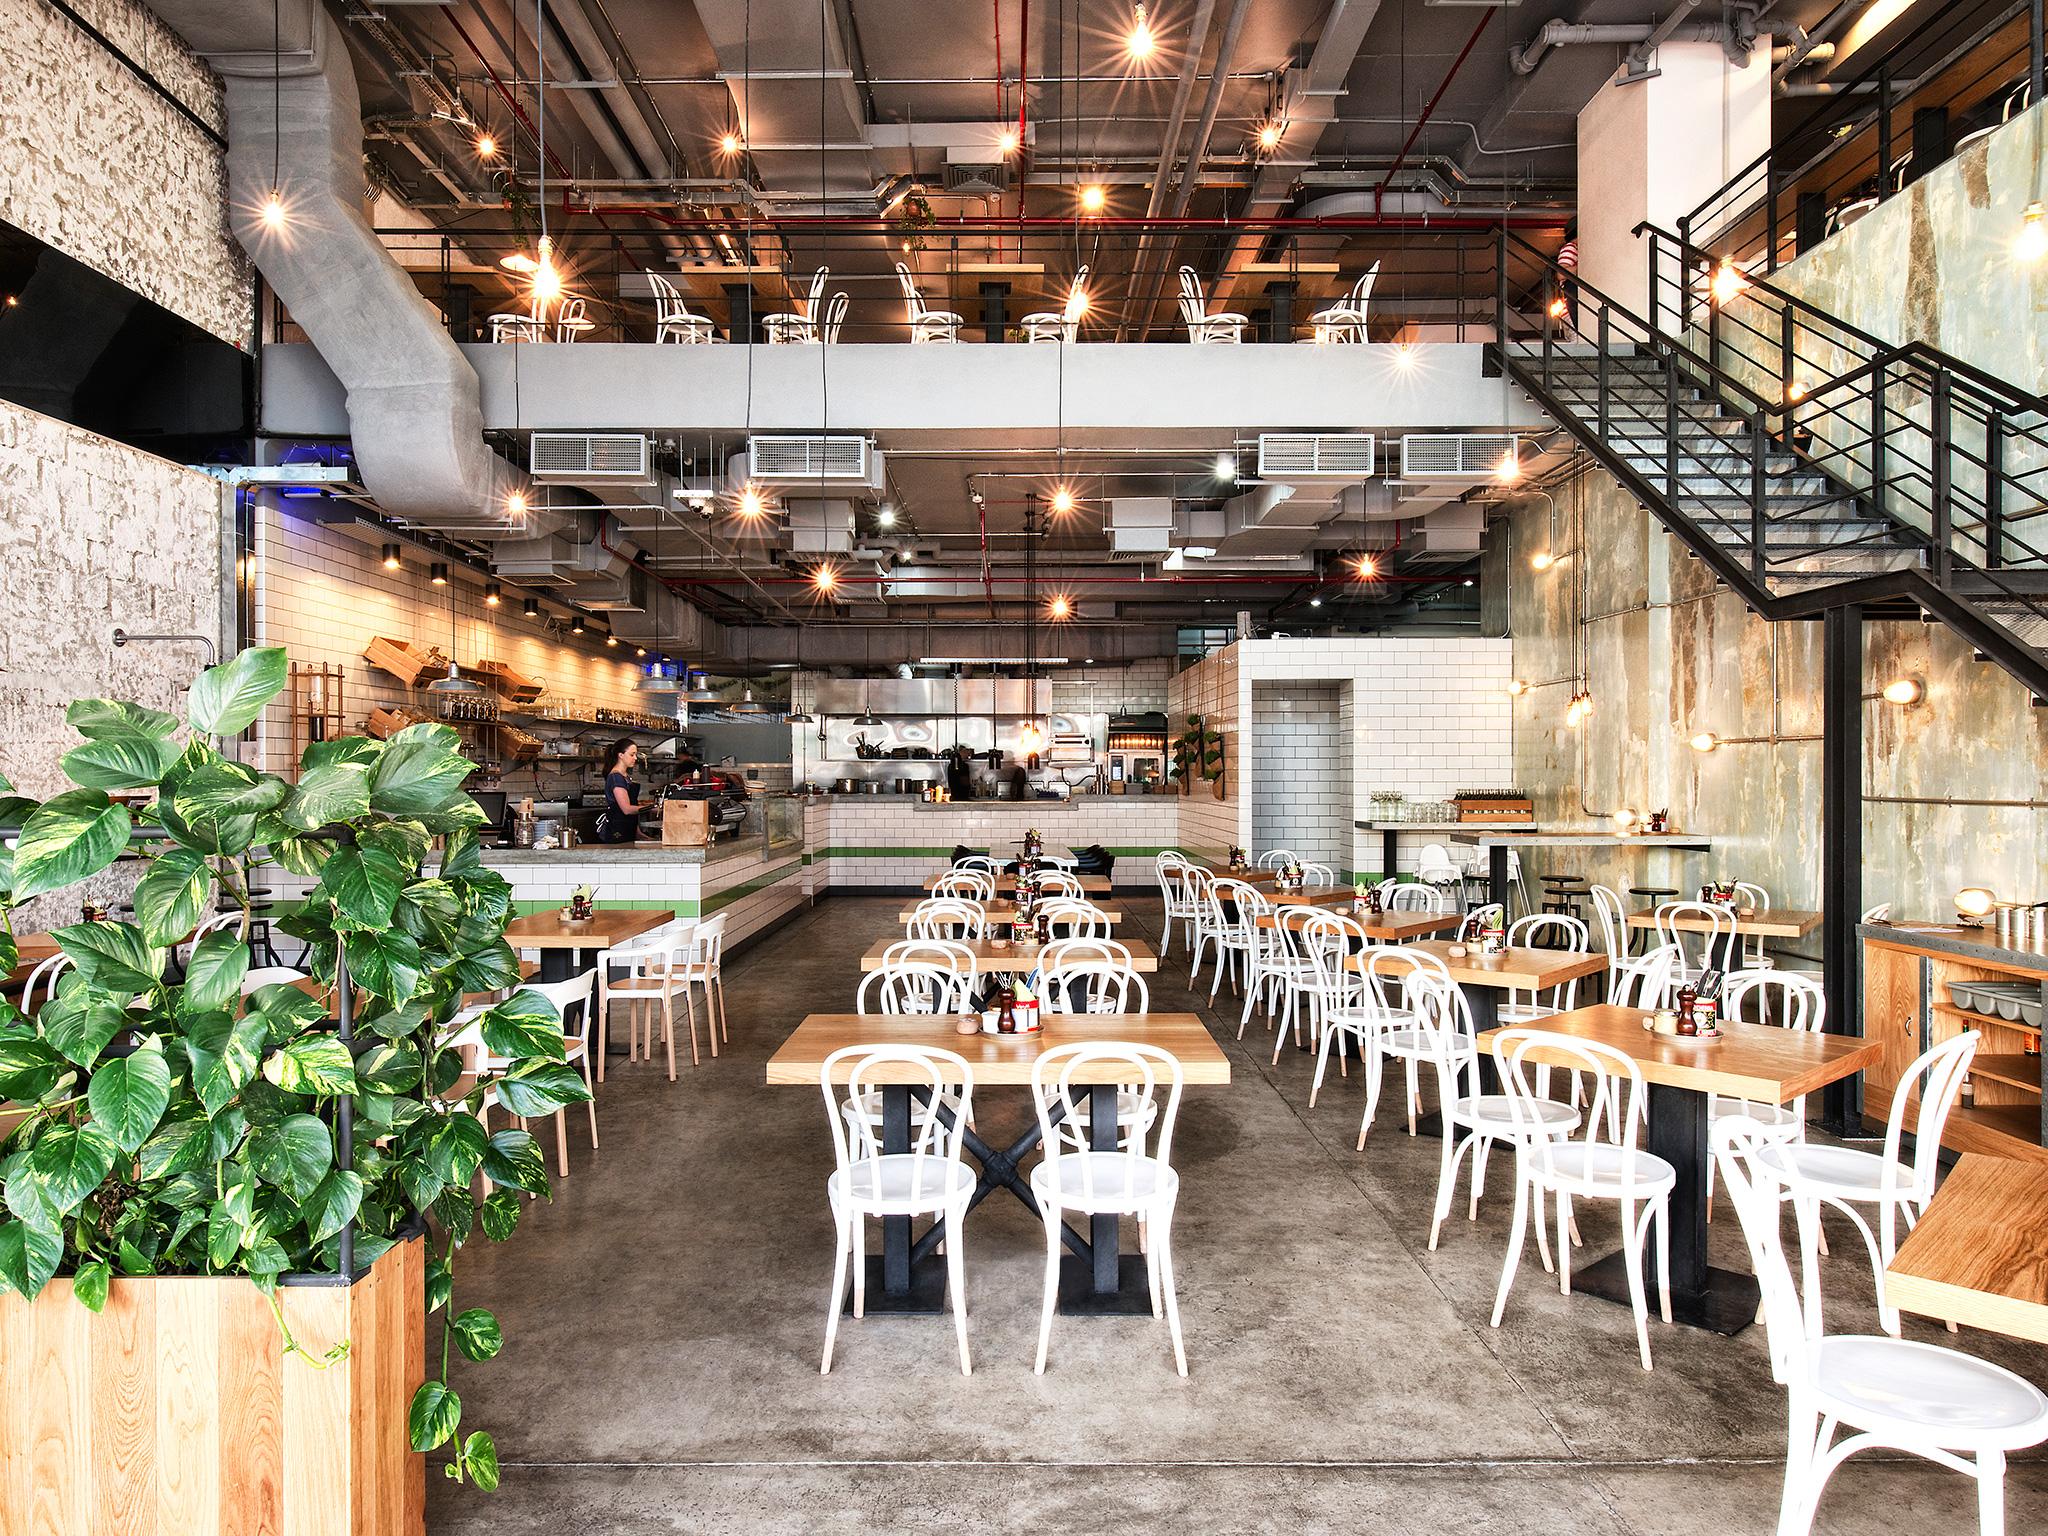 أفضل المطاعم التي ينصح في دبي مطعم دبي برياني بوت